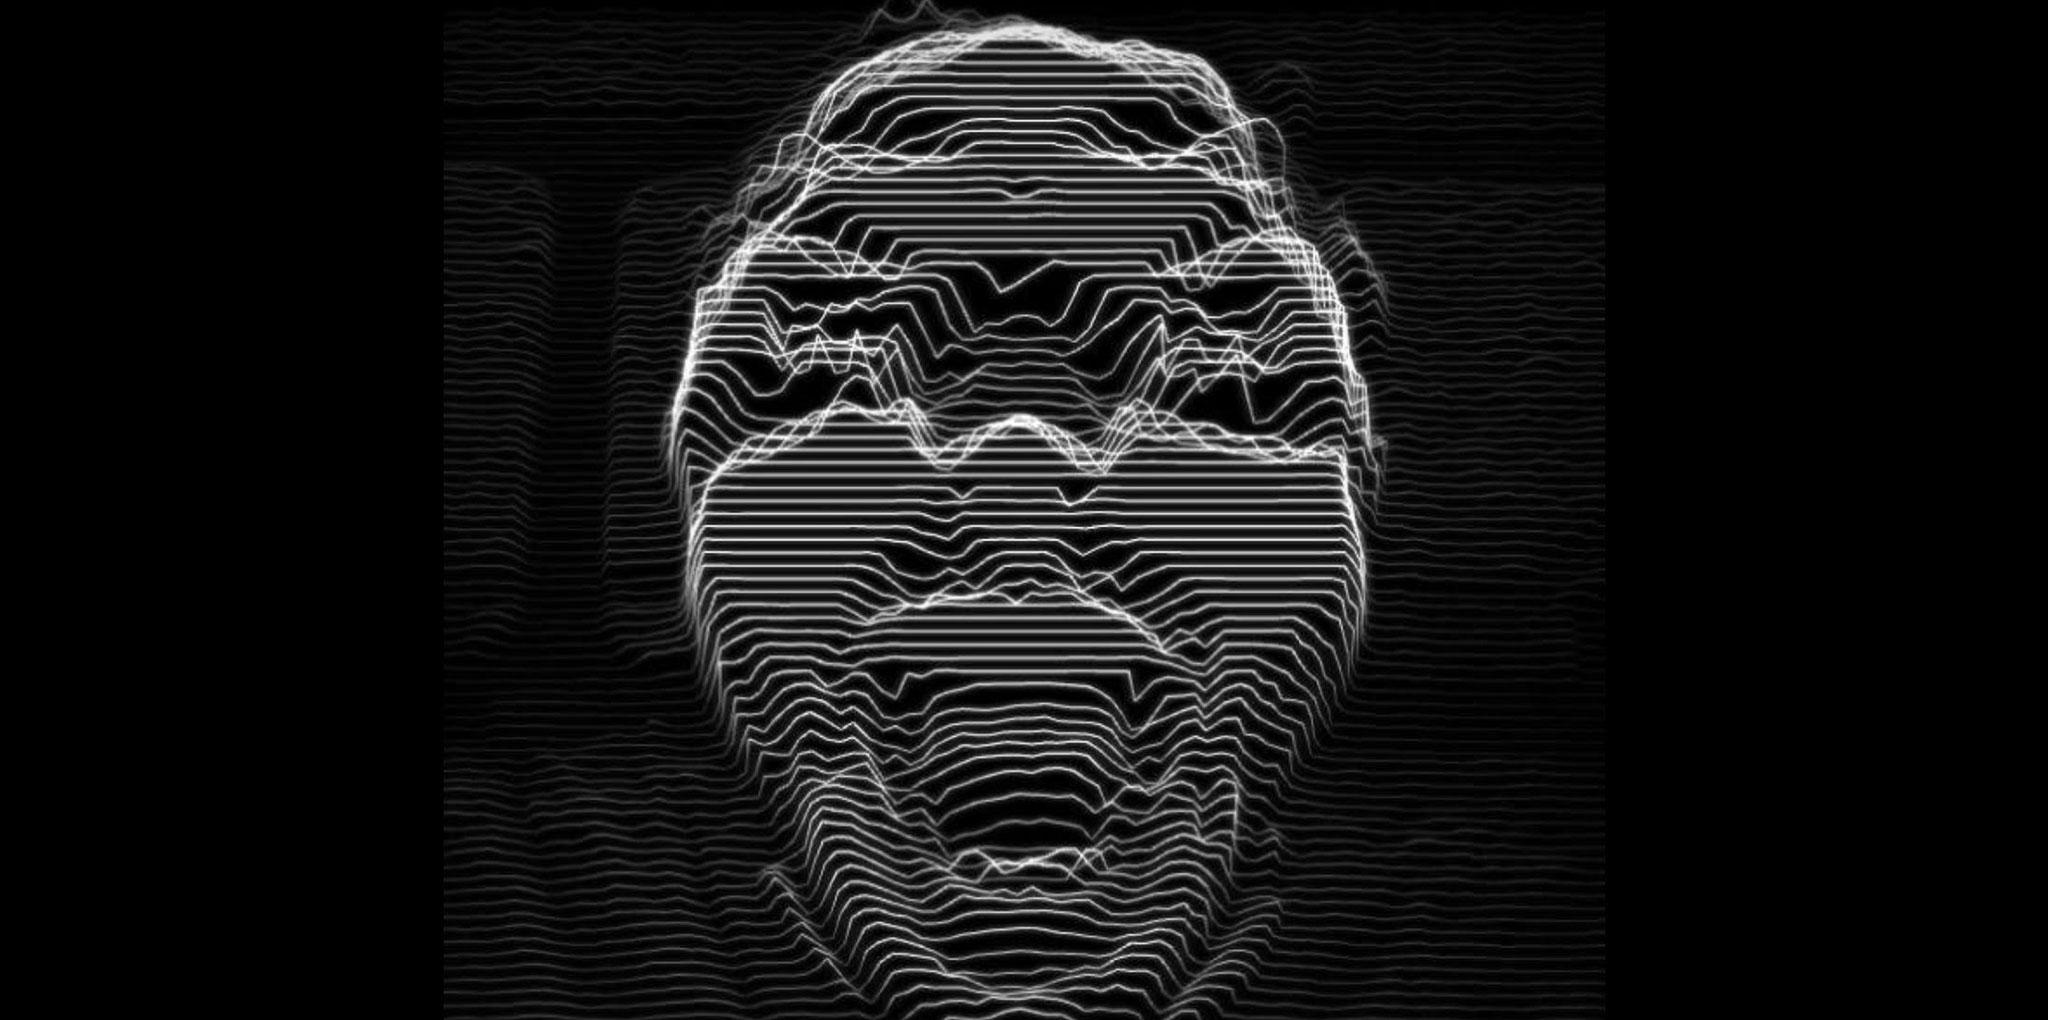 Oktaform Image